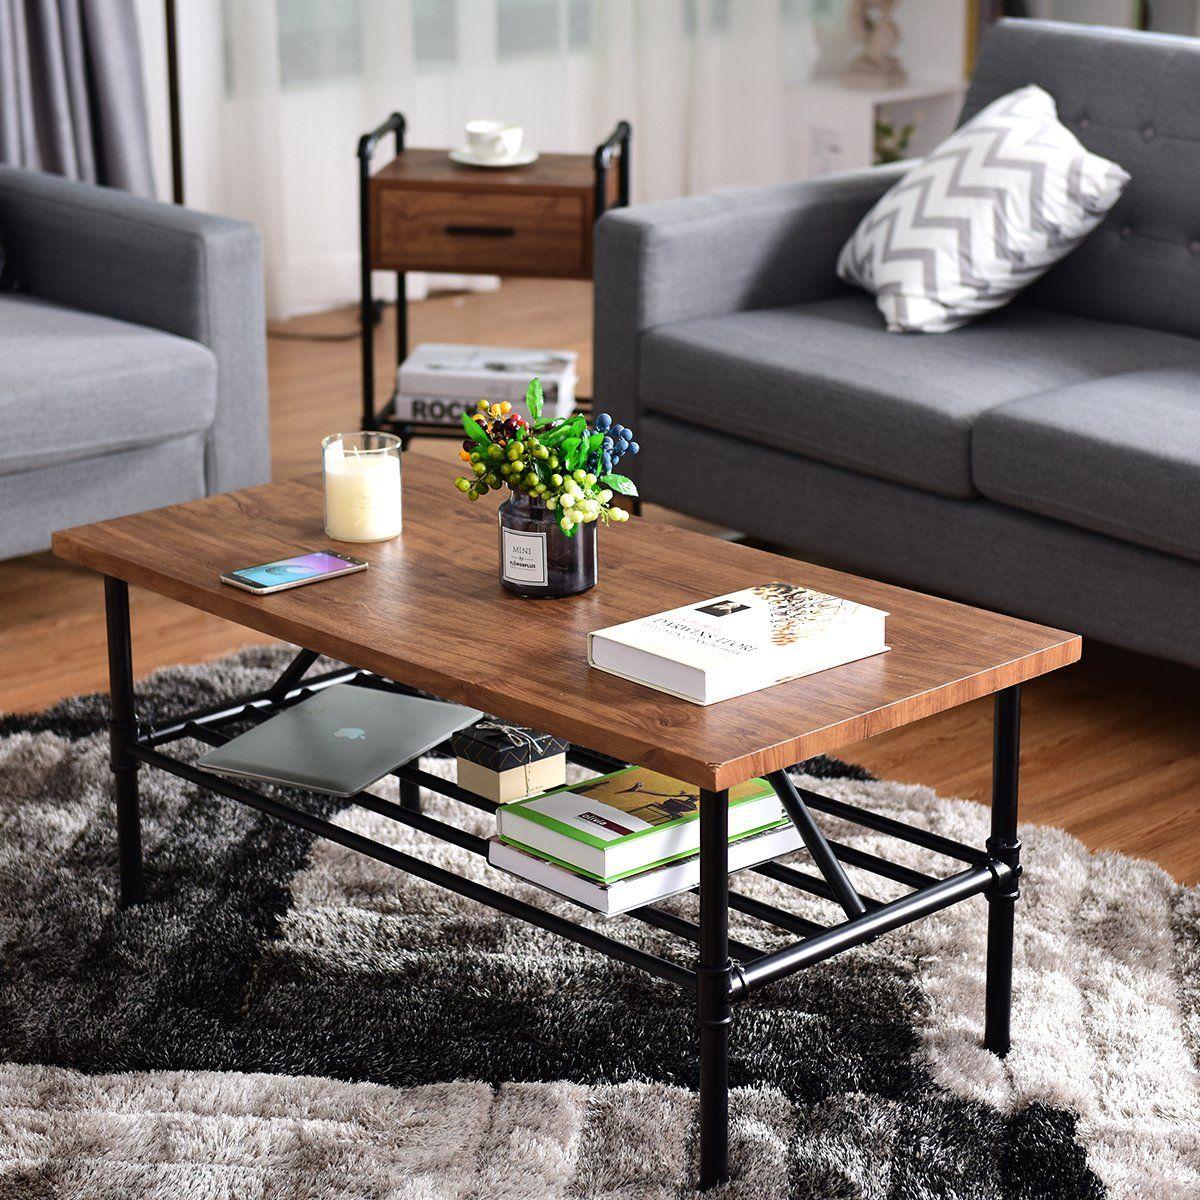 Giantex 2tier Rustic Coffee Table Metal Frame Modern Living Room Furniture Vintage Wood Loo Coffee Table Living